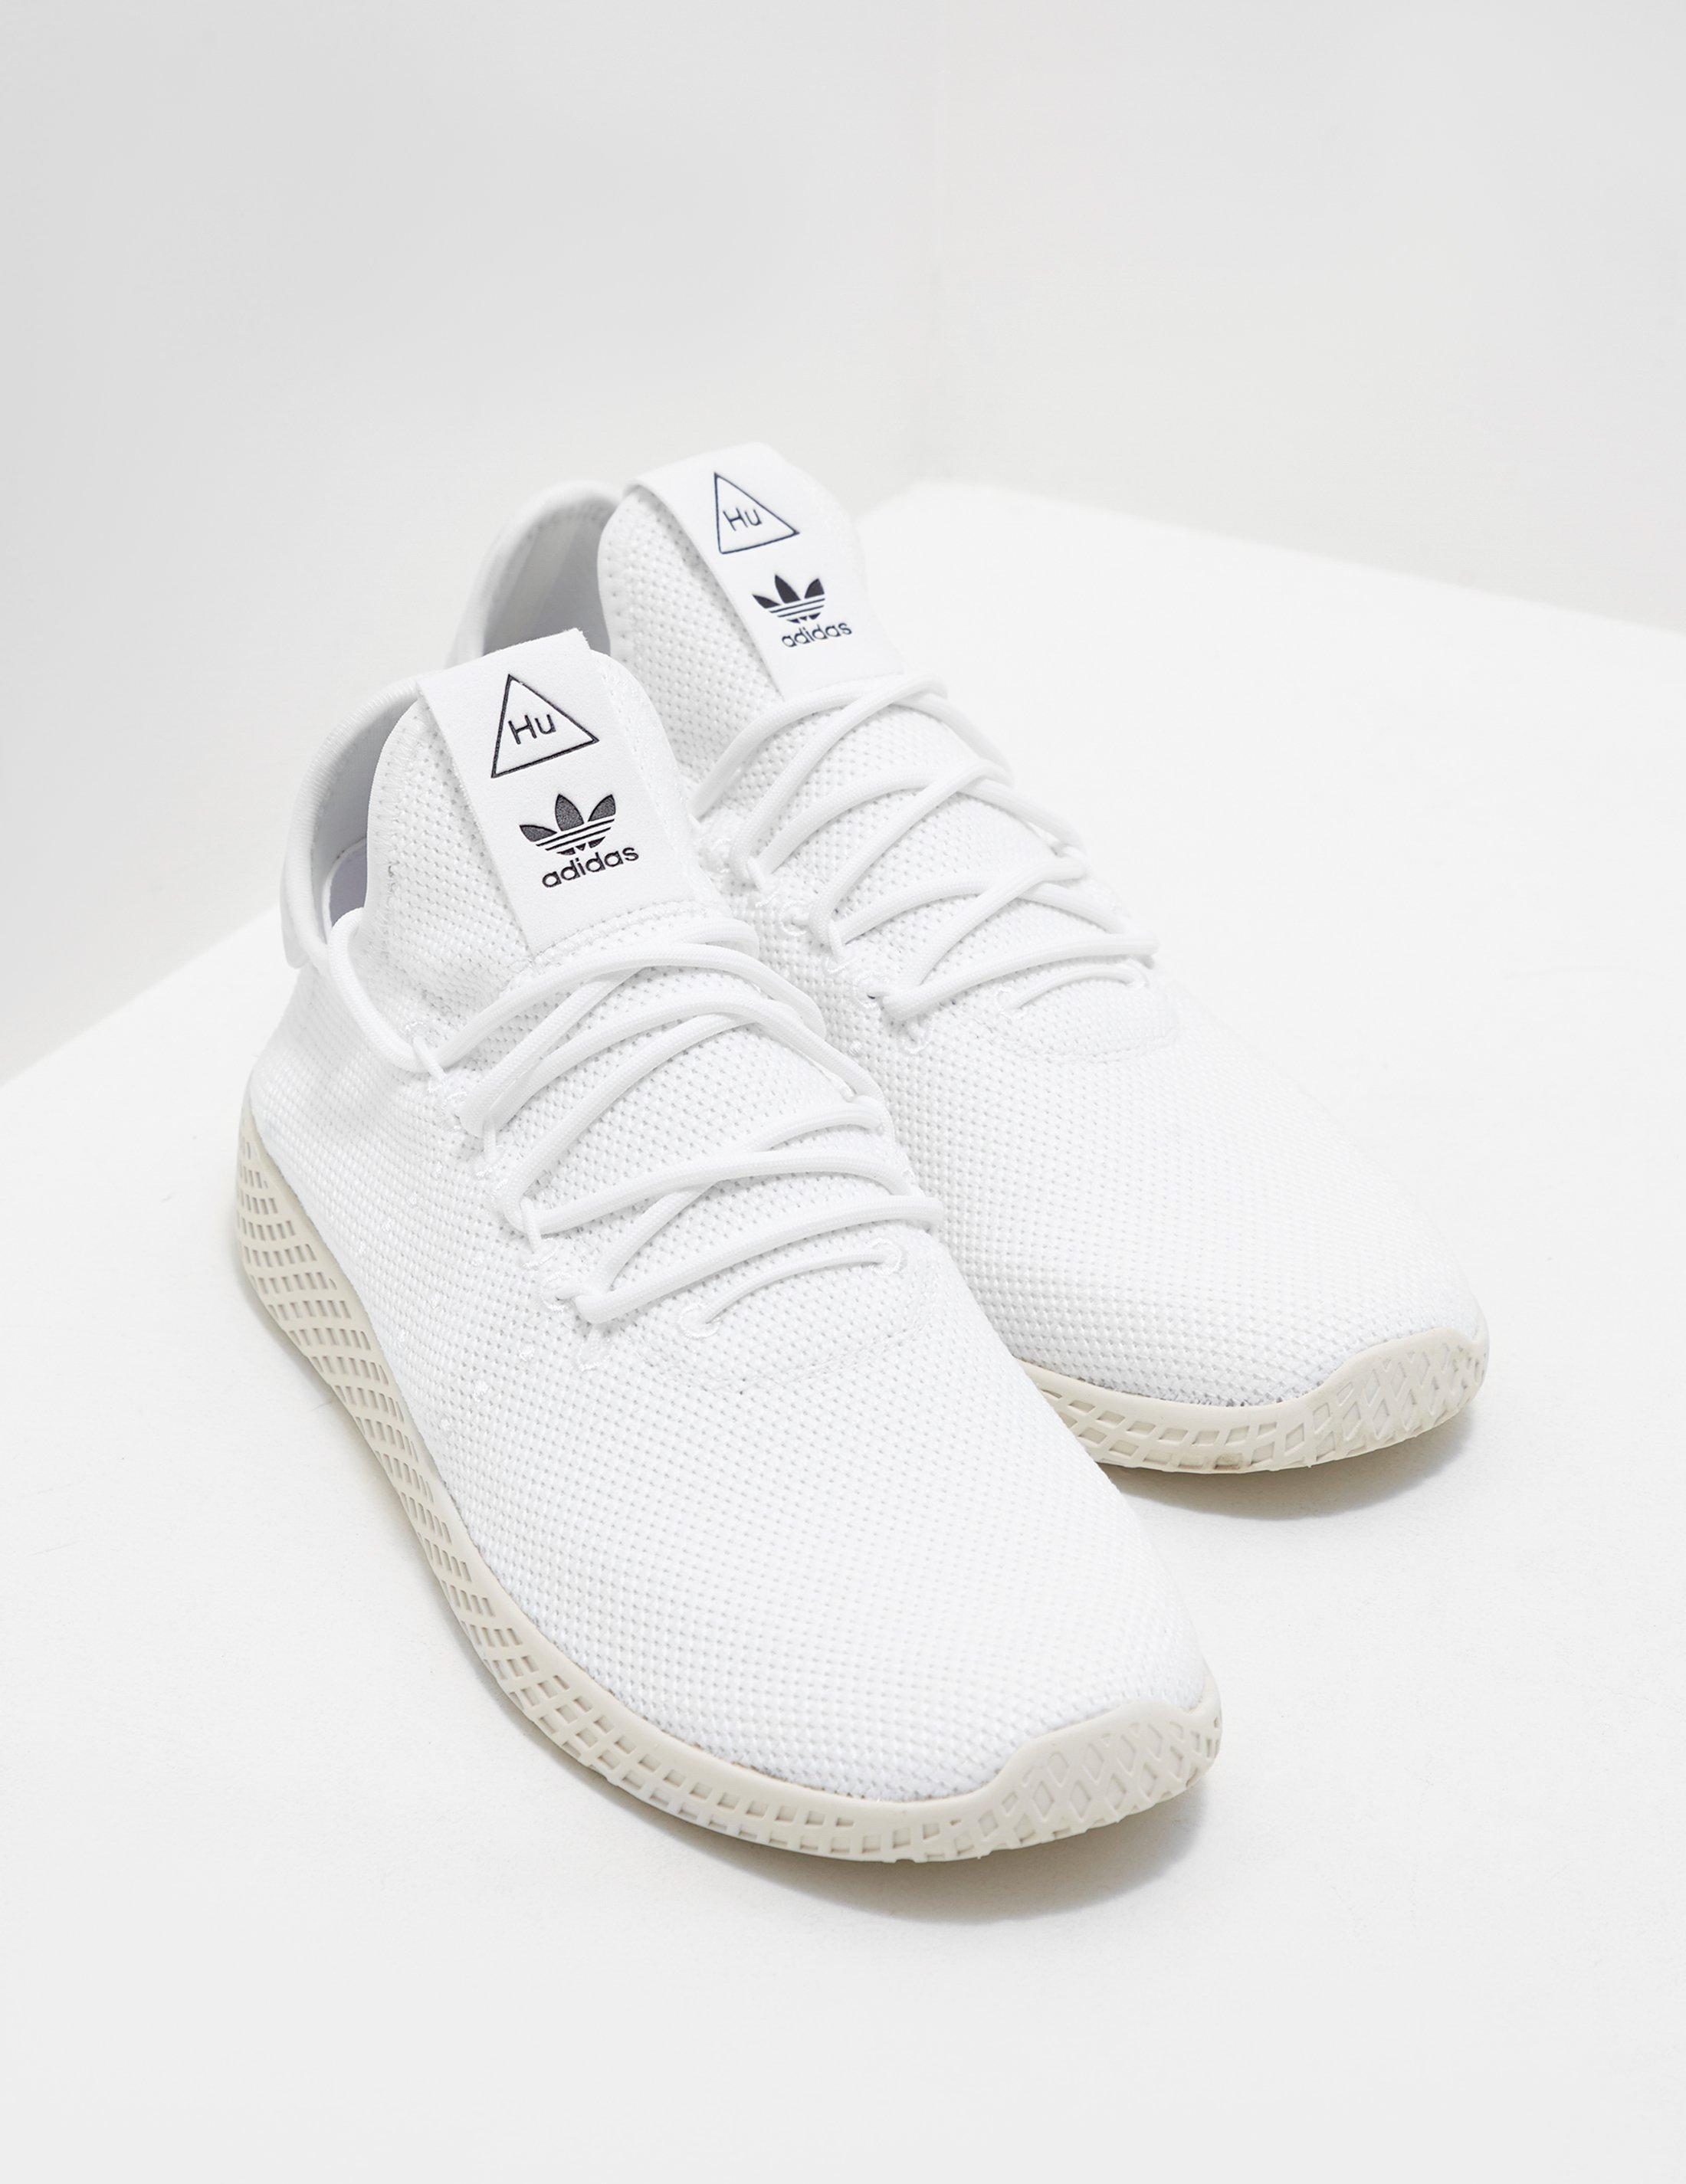 Adidas Originals White X Pharrell Williams